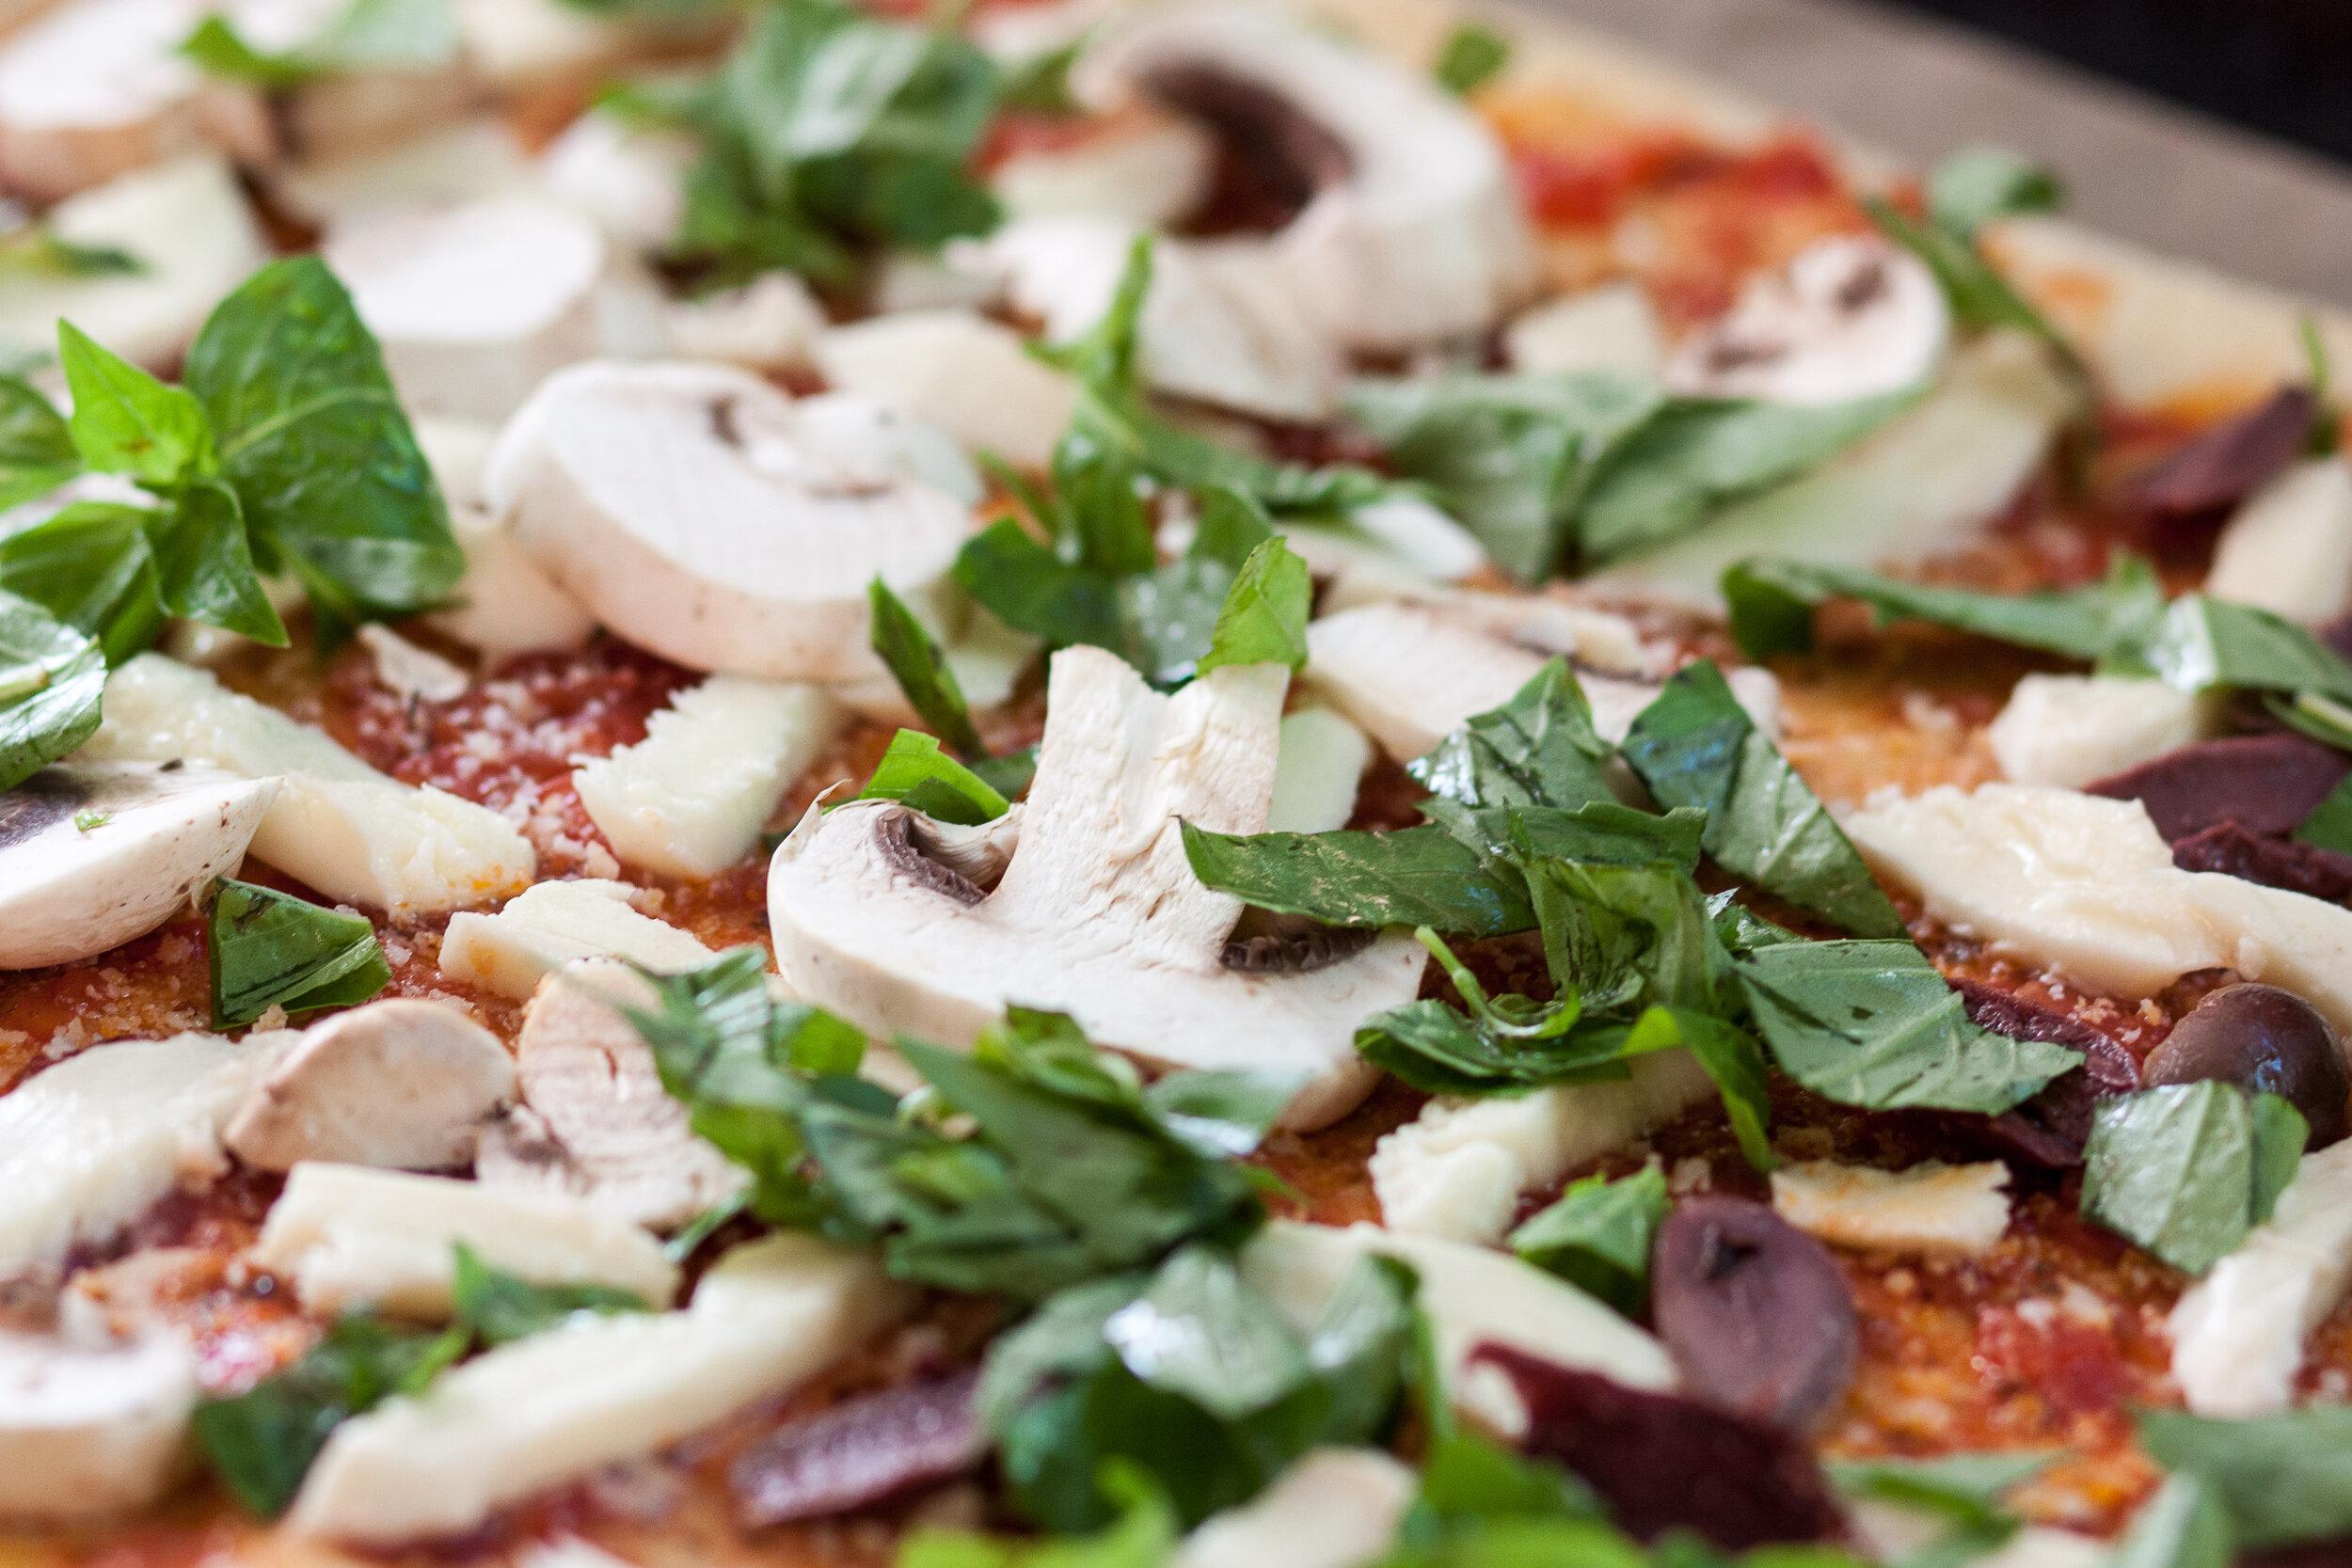 Farandole de champignons et sa pâte maison - Quoi de plus réconfortant qu'une bonne pizza maison ?